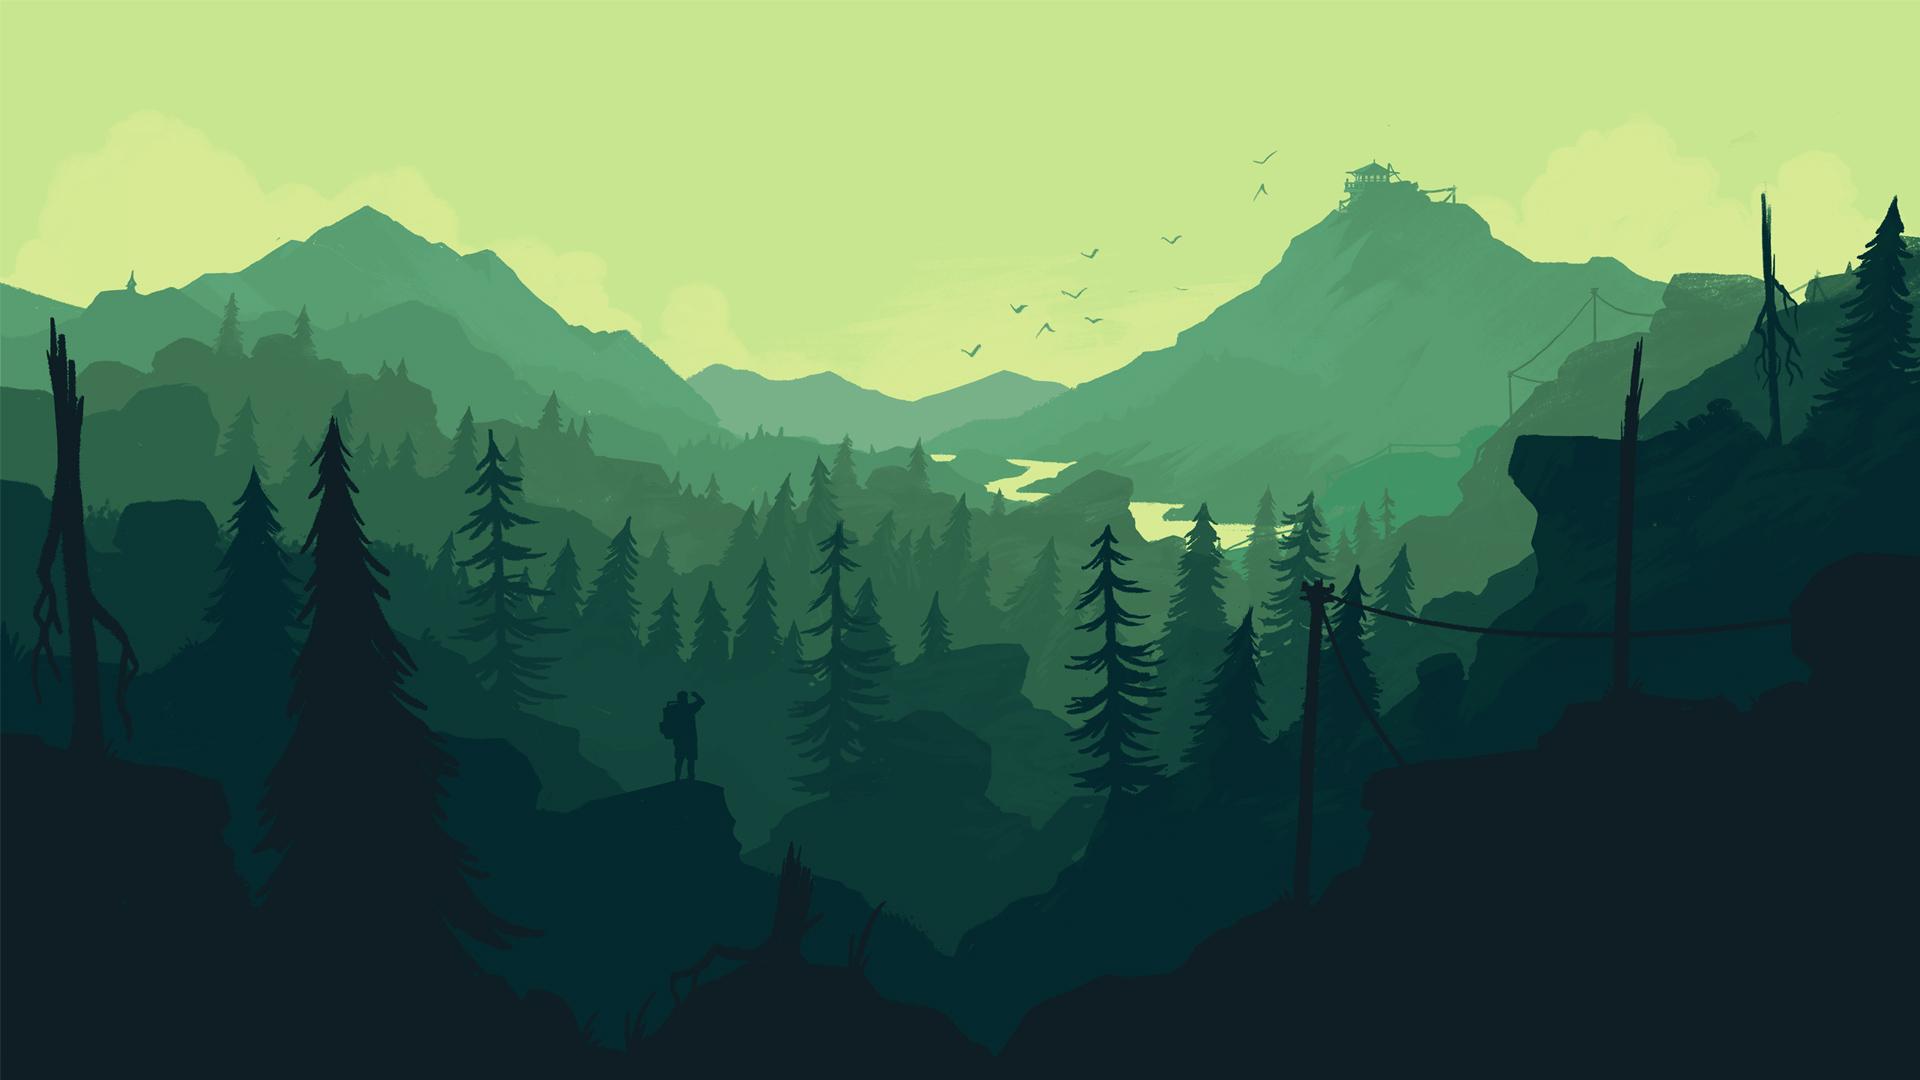 Cartoon Wallpapers For Iphone X Firewatch Widok Na Zieloną Dolinę Tapeta Z Gry